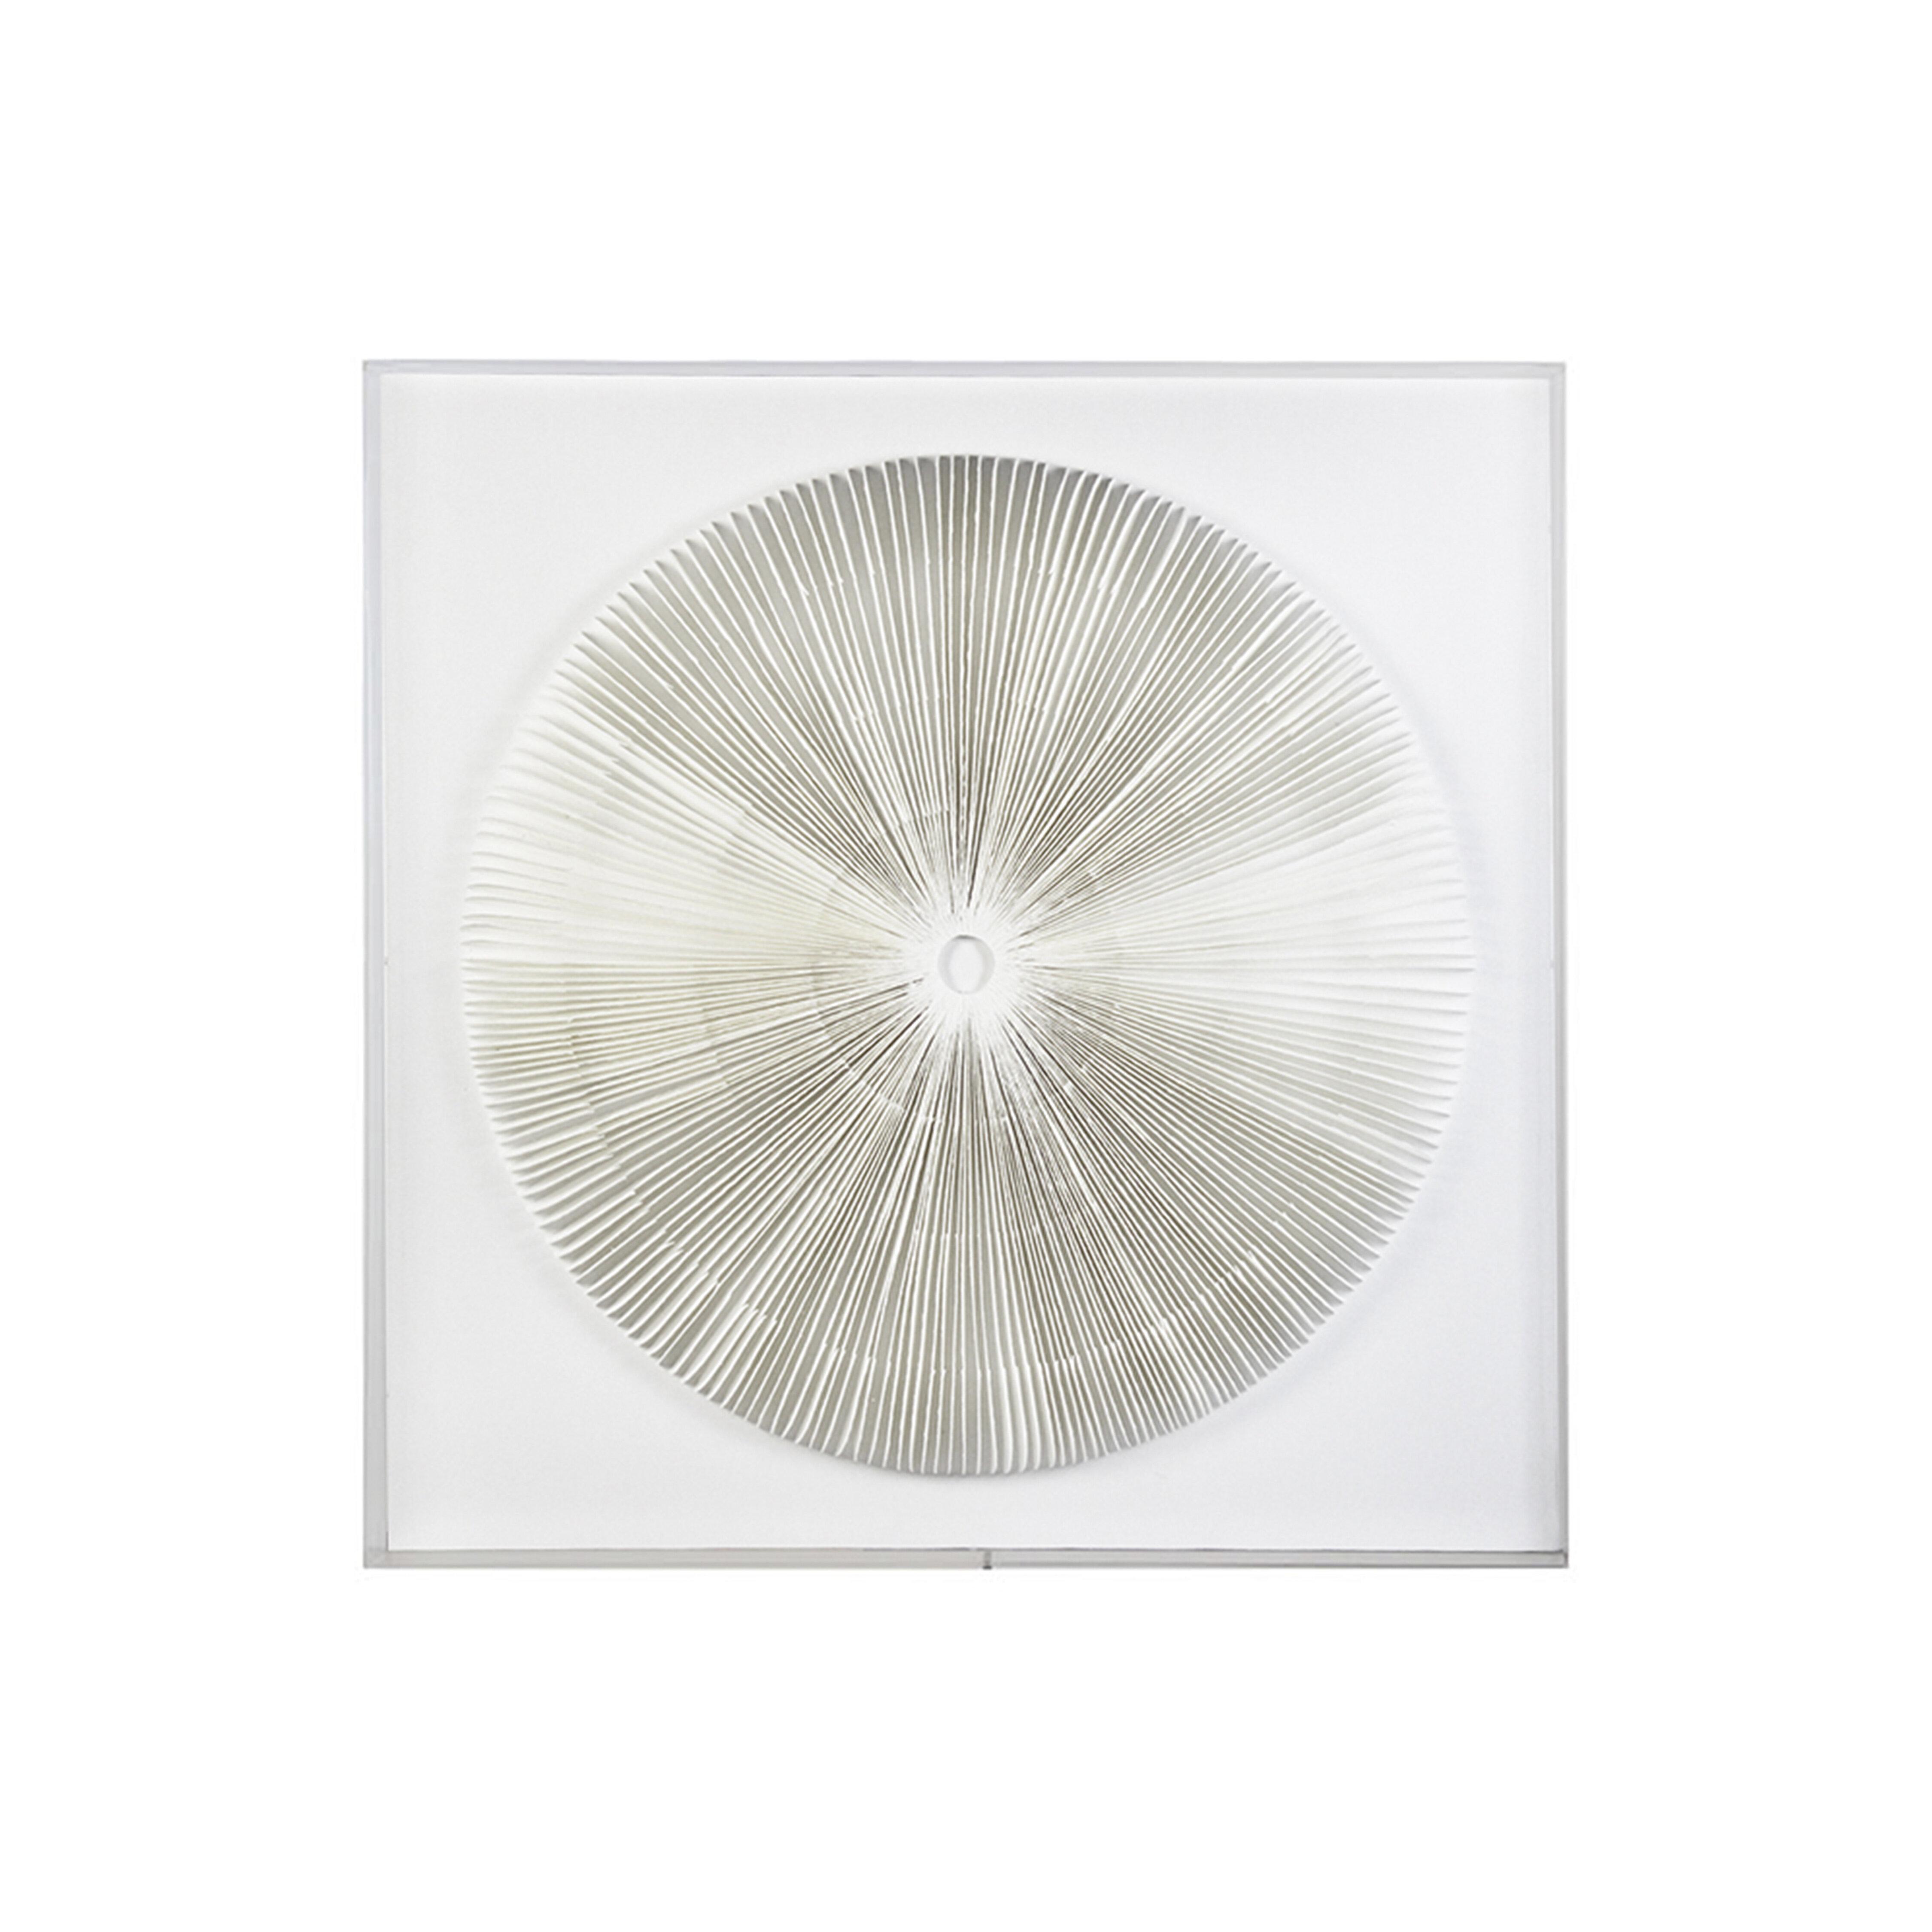 Dakota Fields Round Paper Art With Acrylic Frame Wall Decor Wayfair